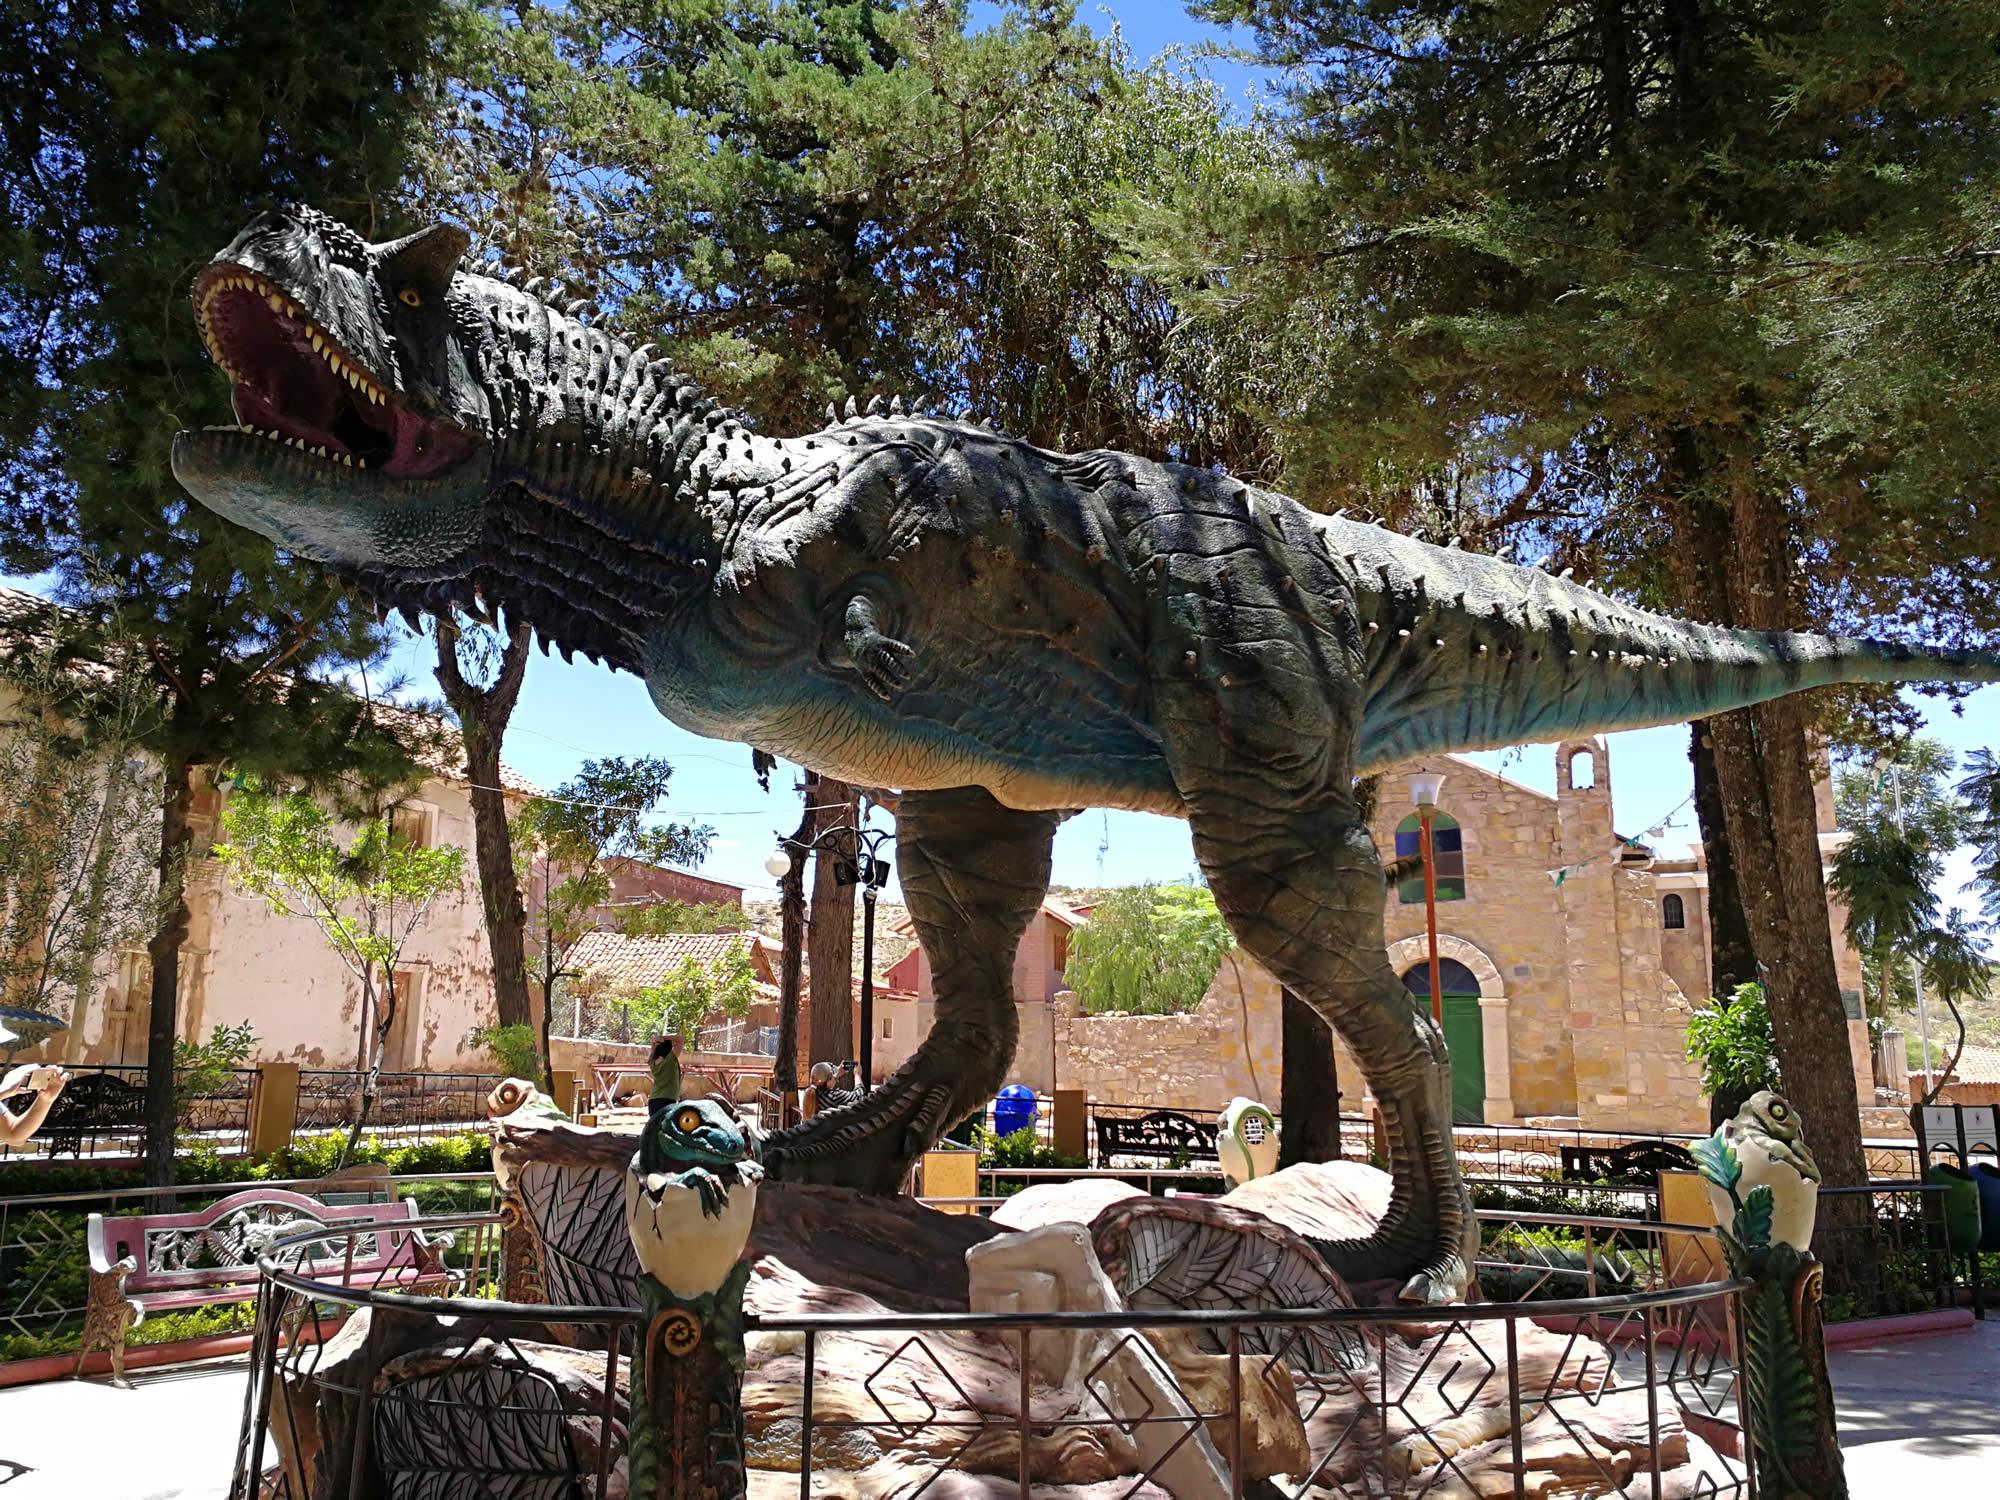 Torotoro Dinosaurios